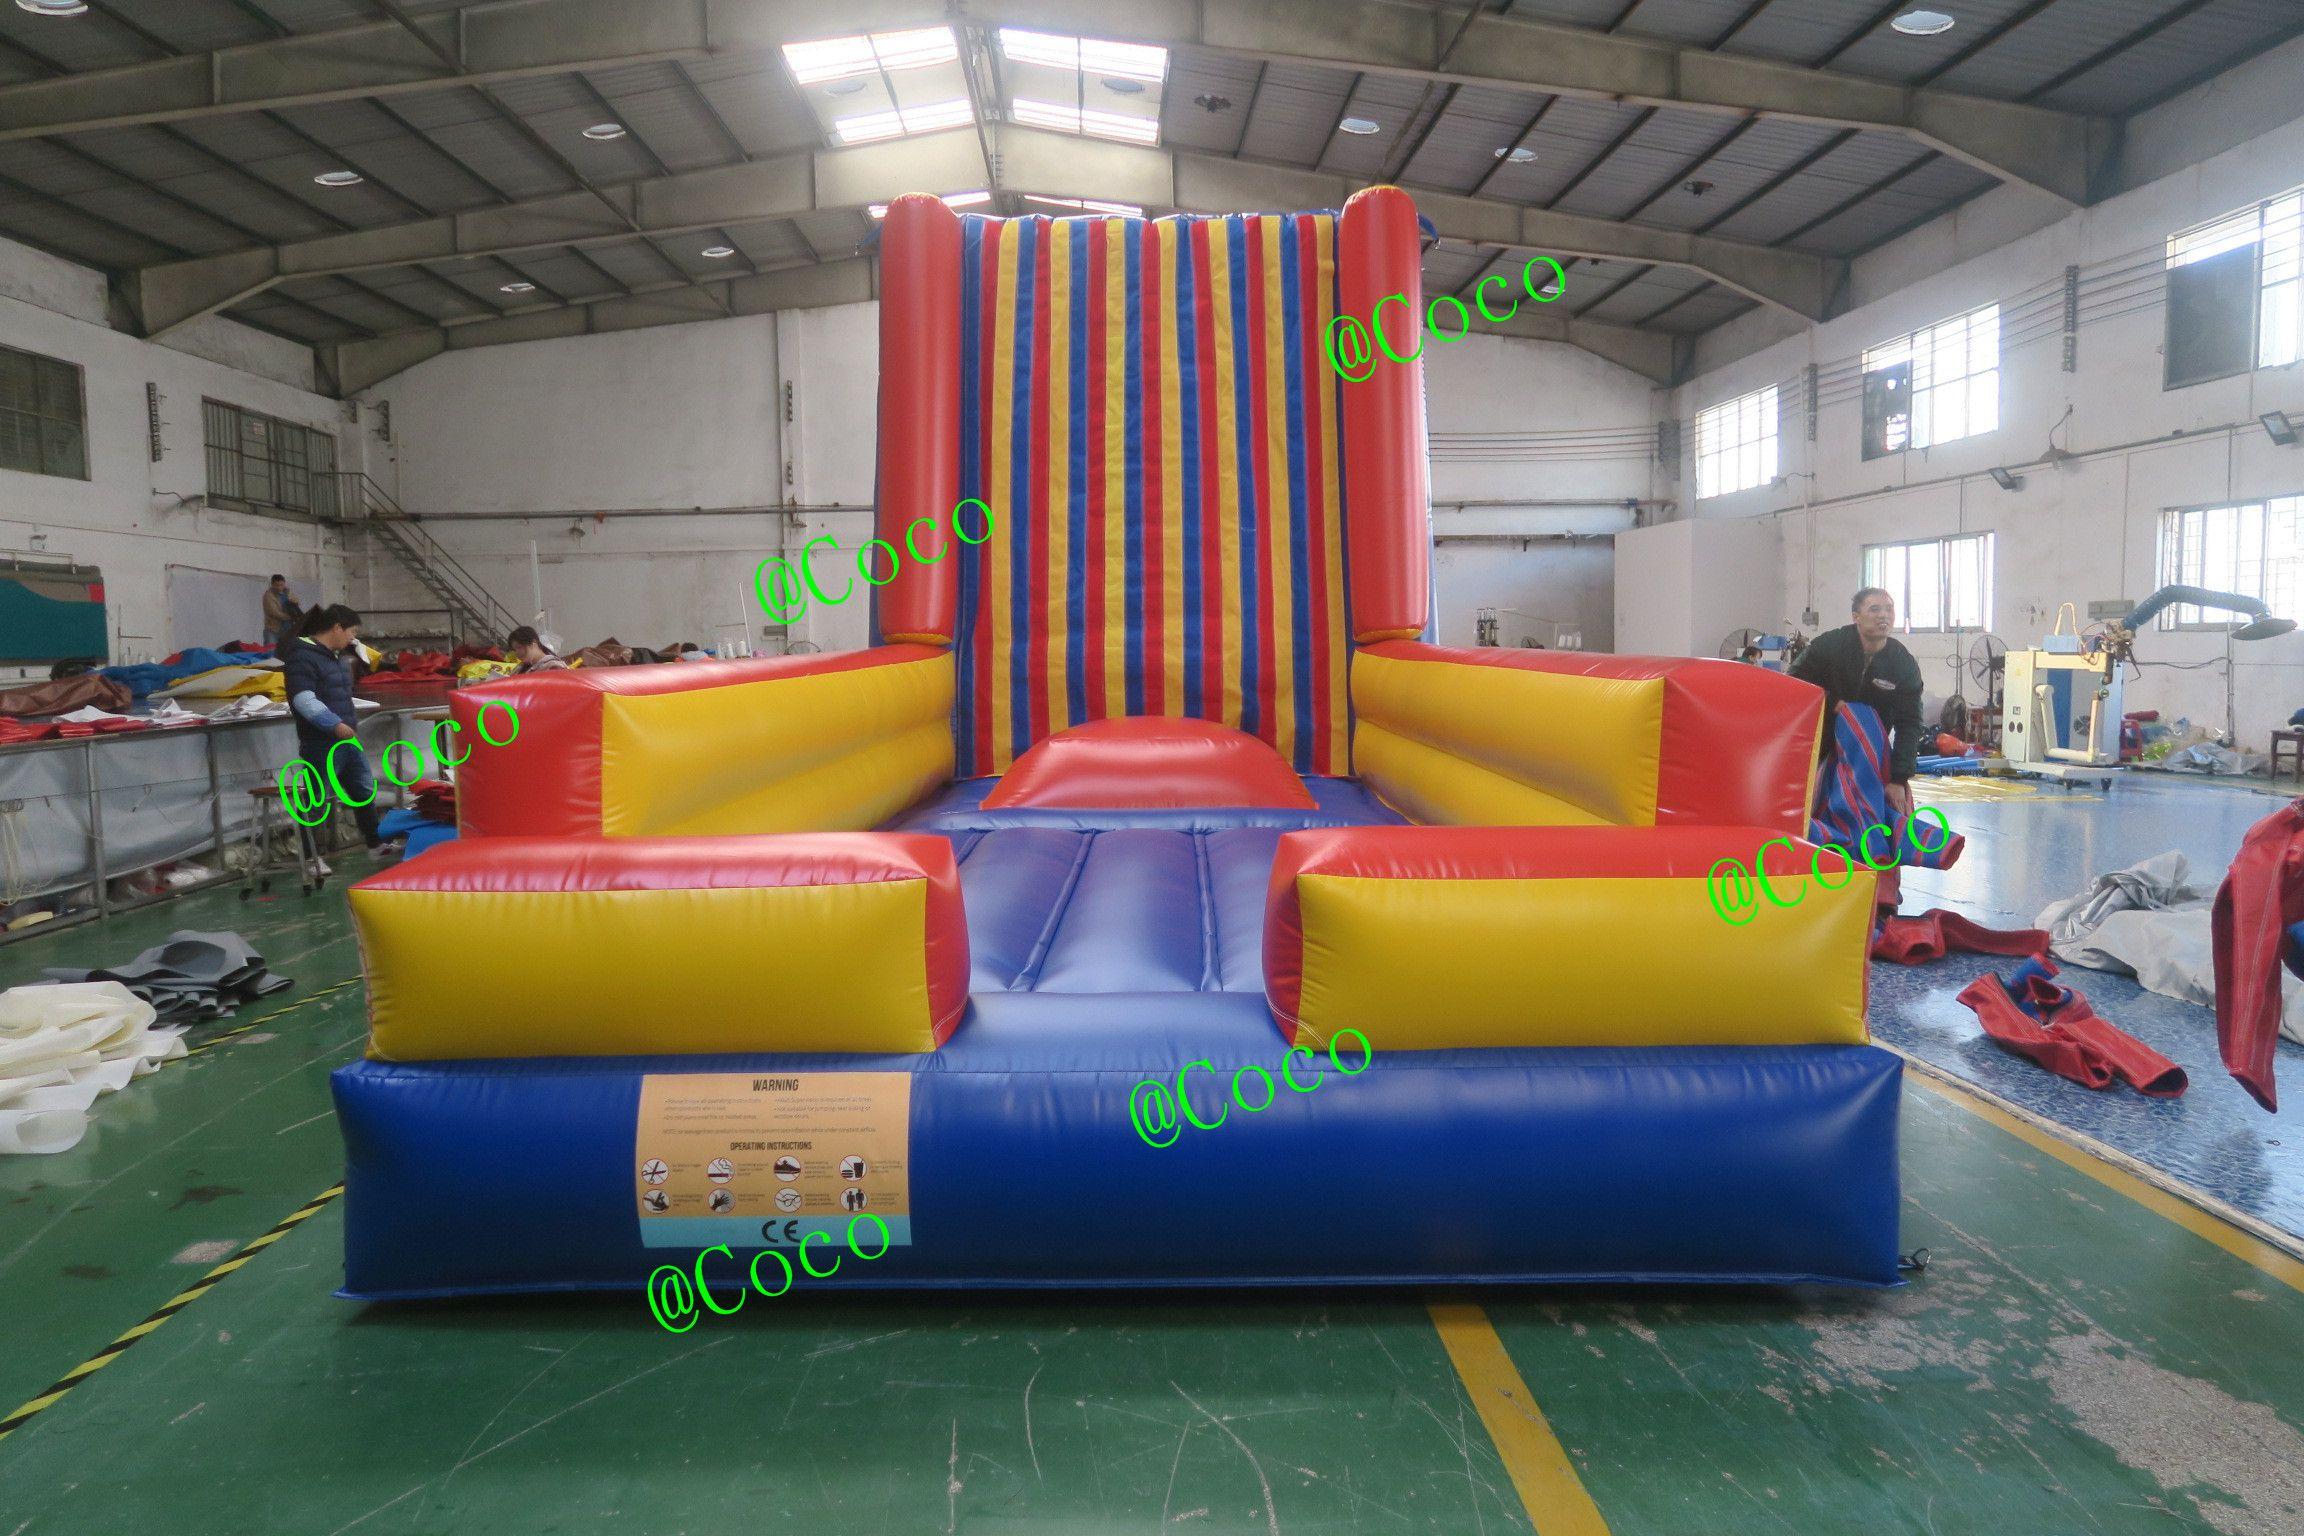 Paredes pegajosas infláveis de 5x3x3.5m / 6x3x3.5mH com terno, parede de escalada do desafio para crianças e adultos